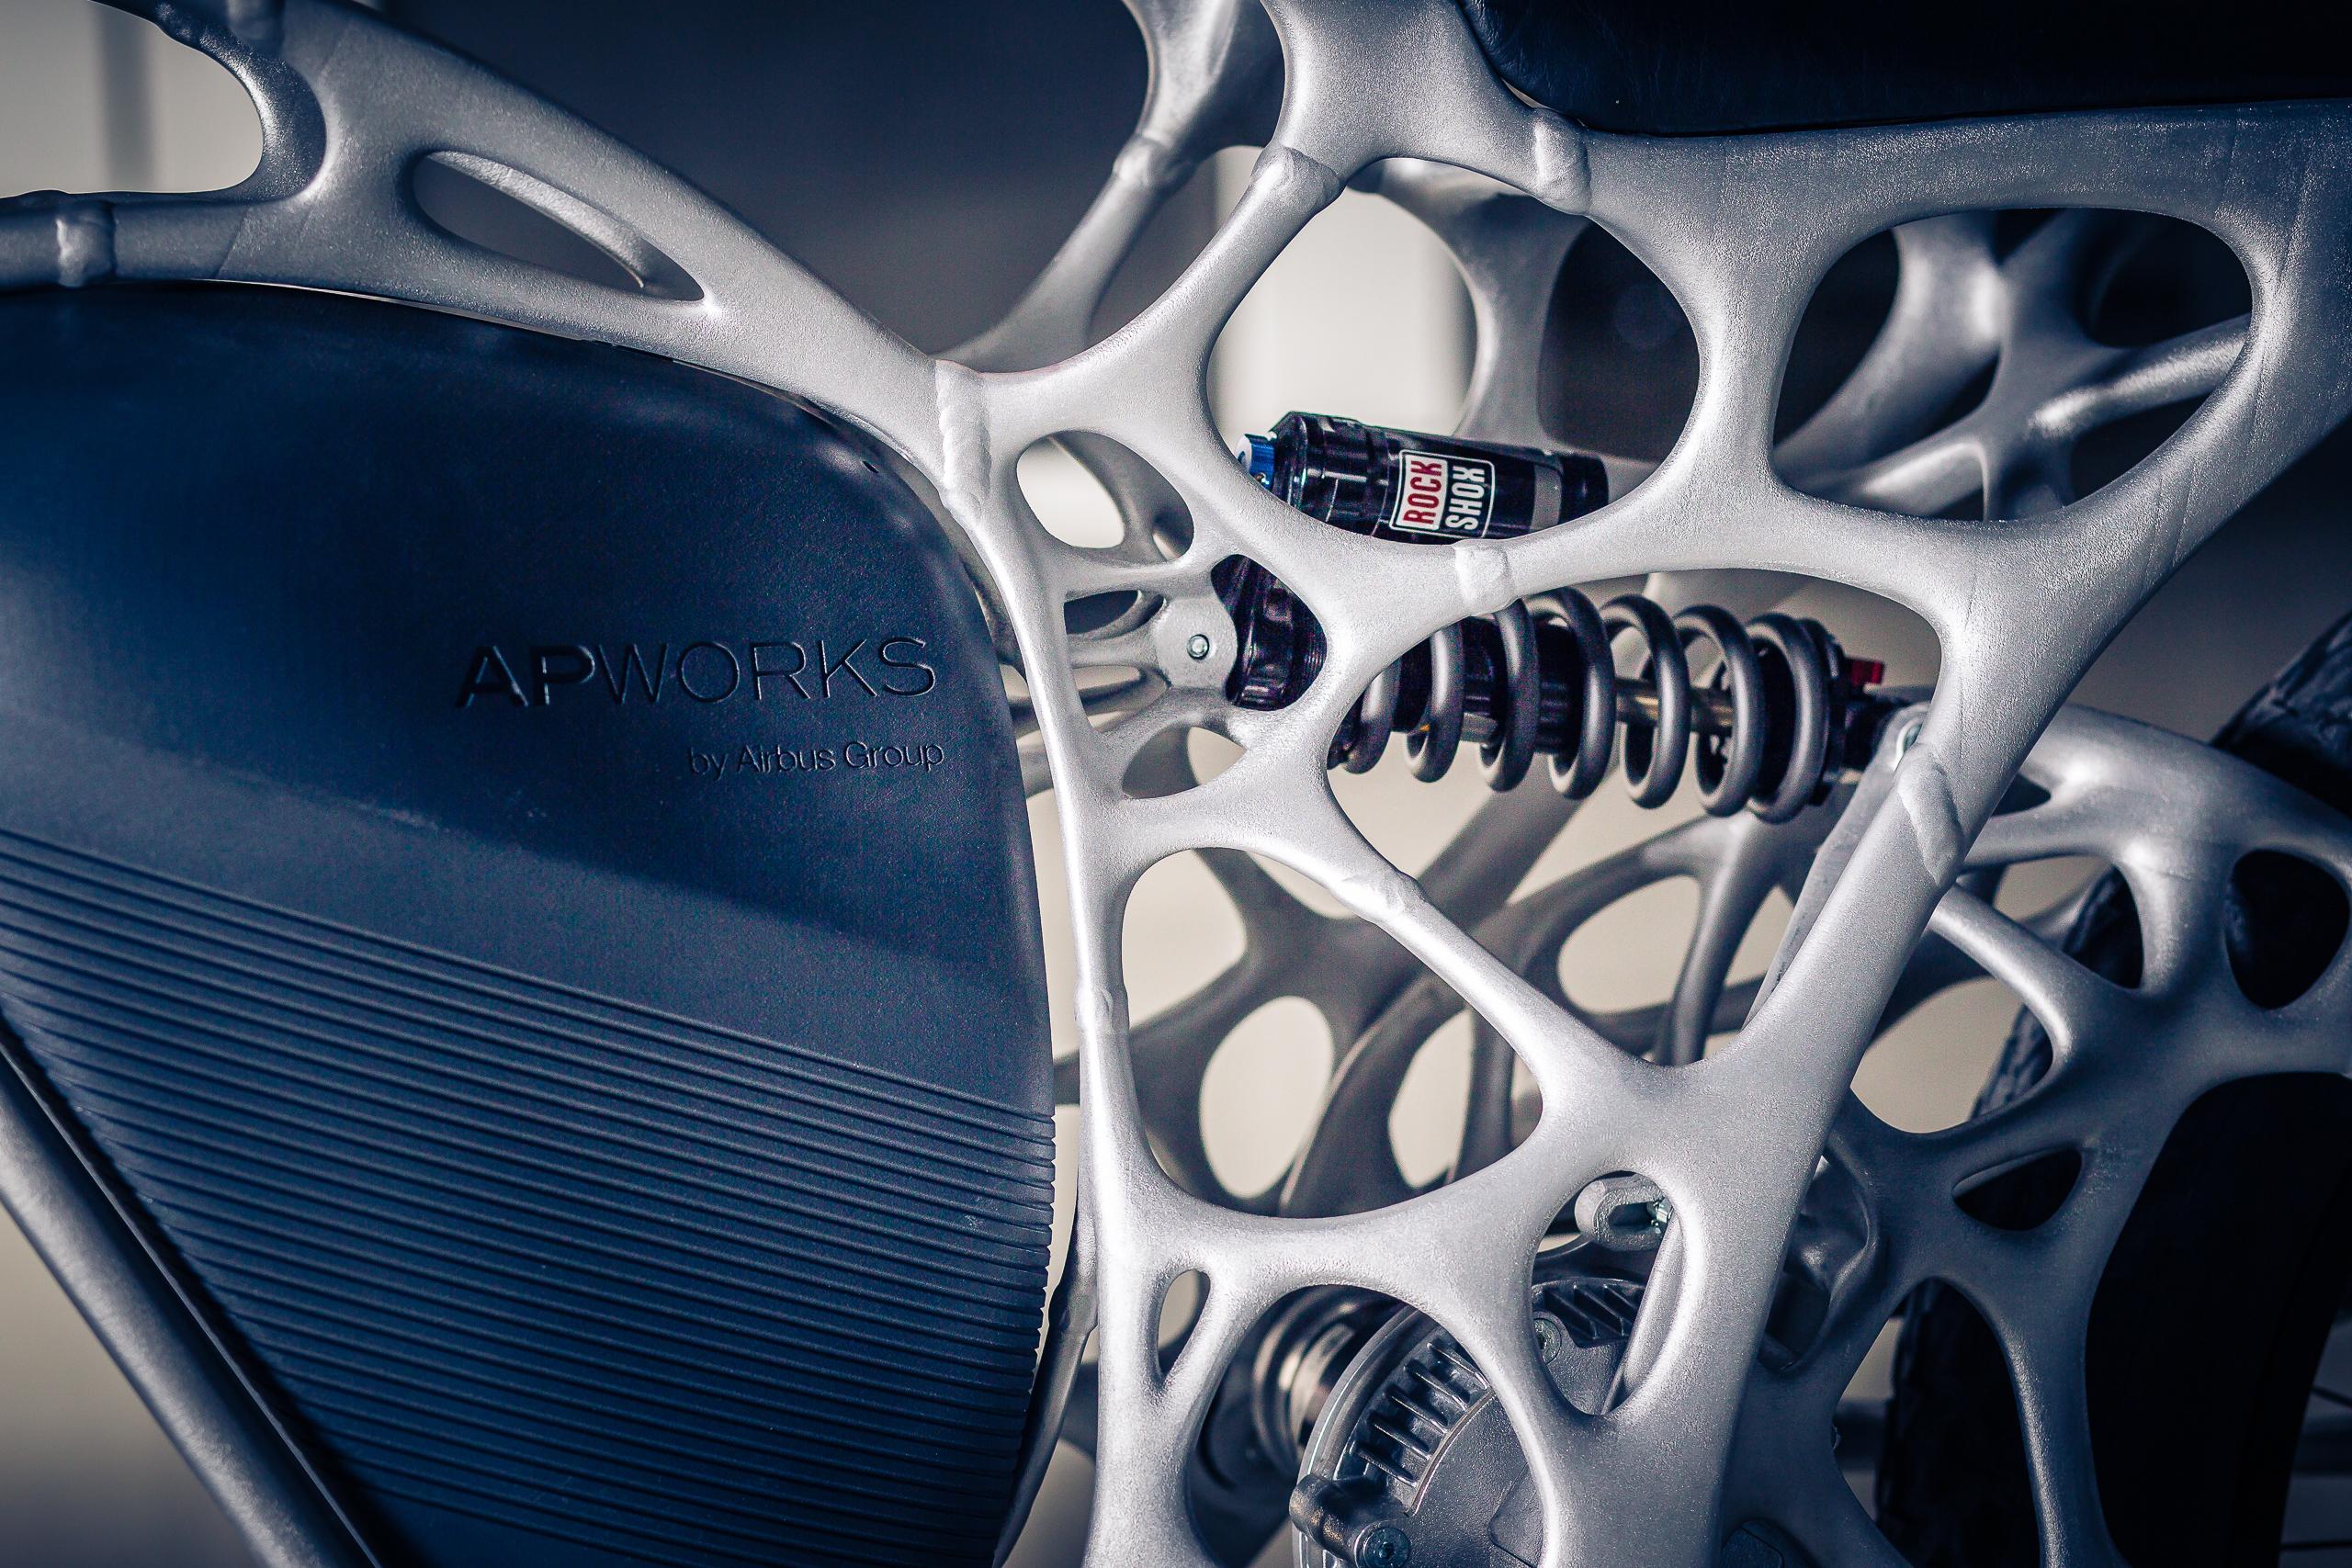 Light Rider: Airbus-Tochter baut E-Motorrad aus dem 3D-Drucker - Die komplexe Struktur des Rahmens wurde mit einem 3D-Drucker hergestellt. (Foto: APWorks)